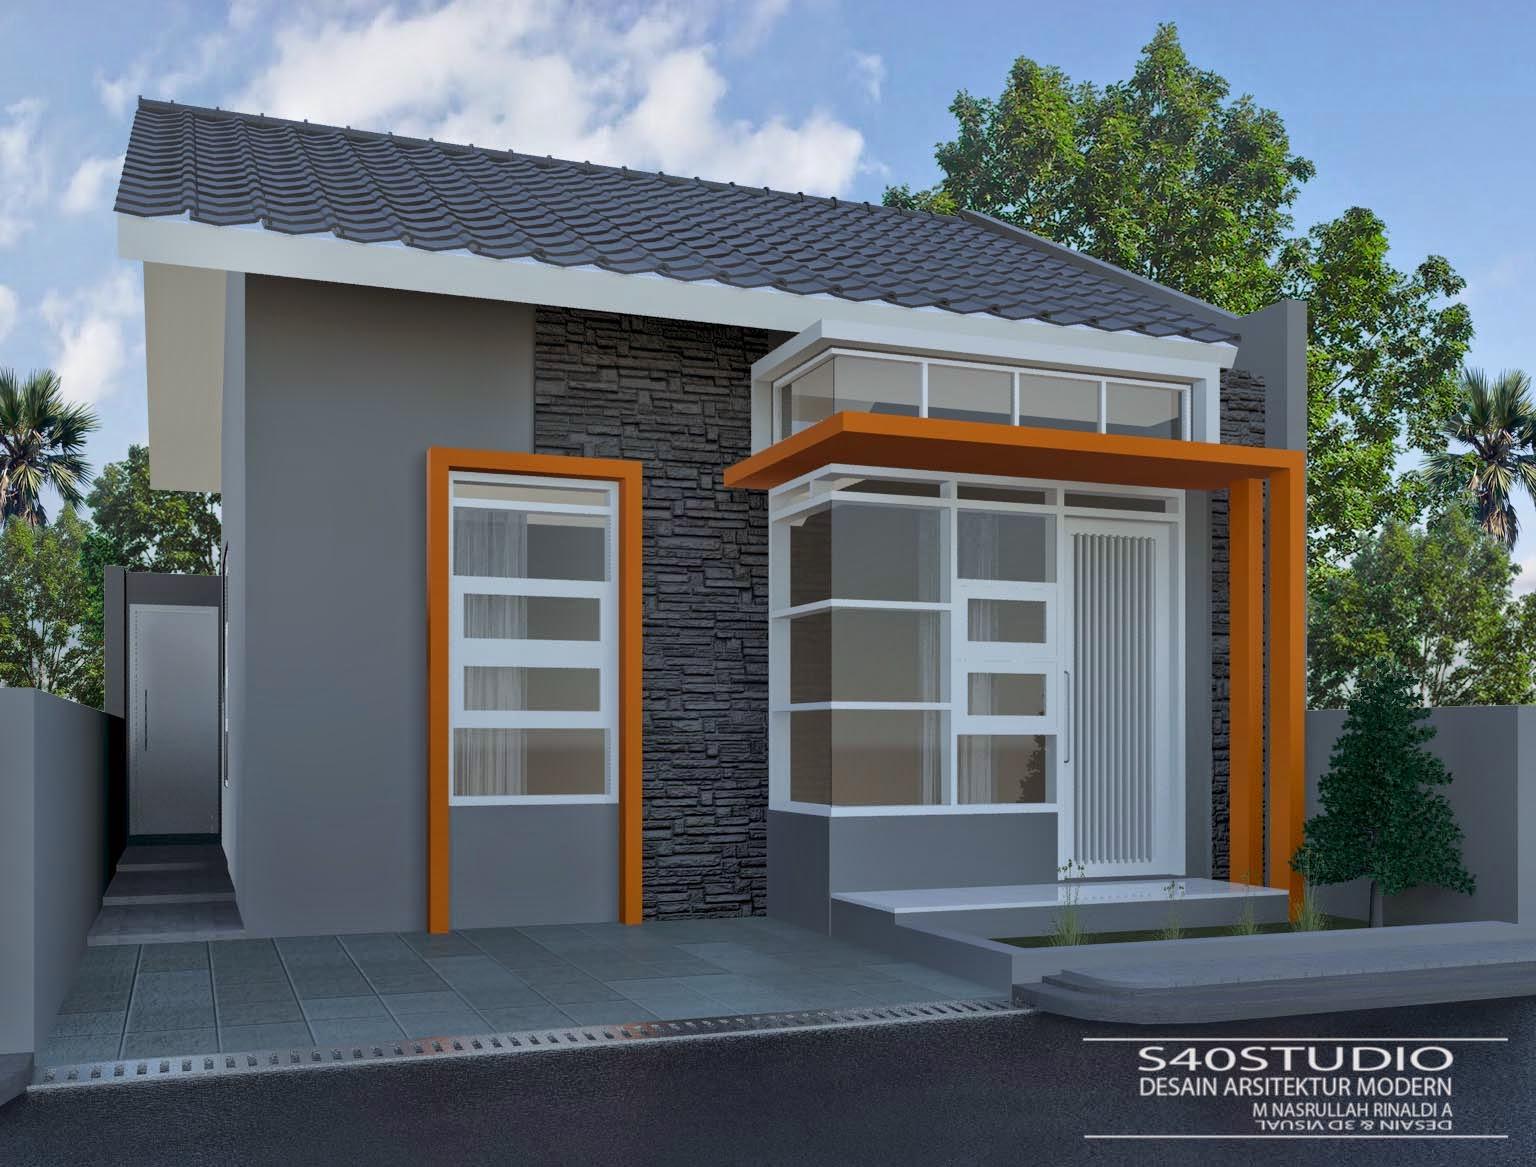 Desain Rumah Minimalis Modern Lebar 6 Meter Gambar 7